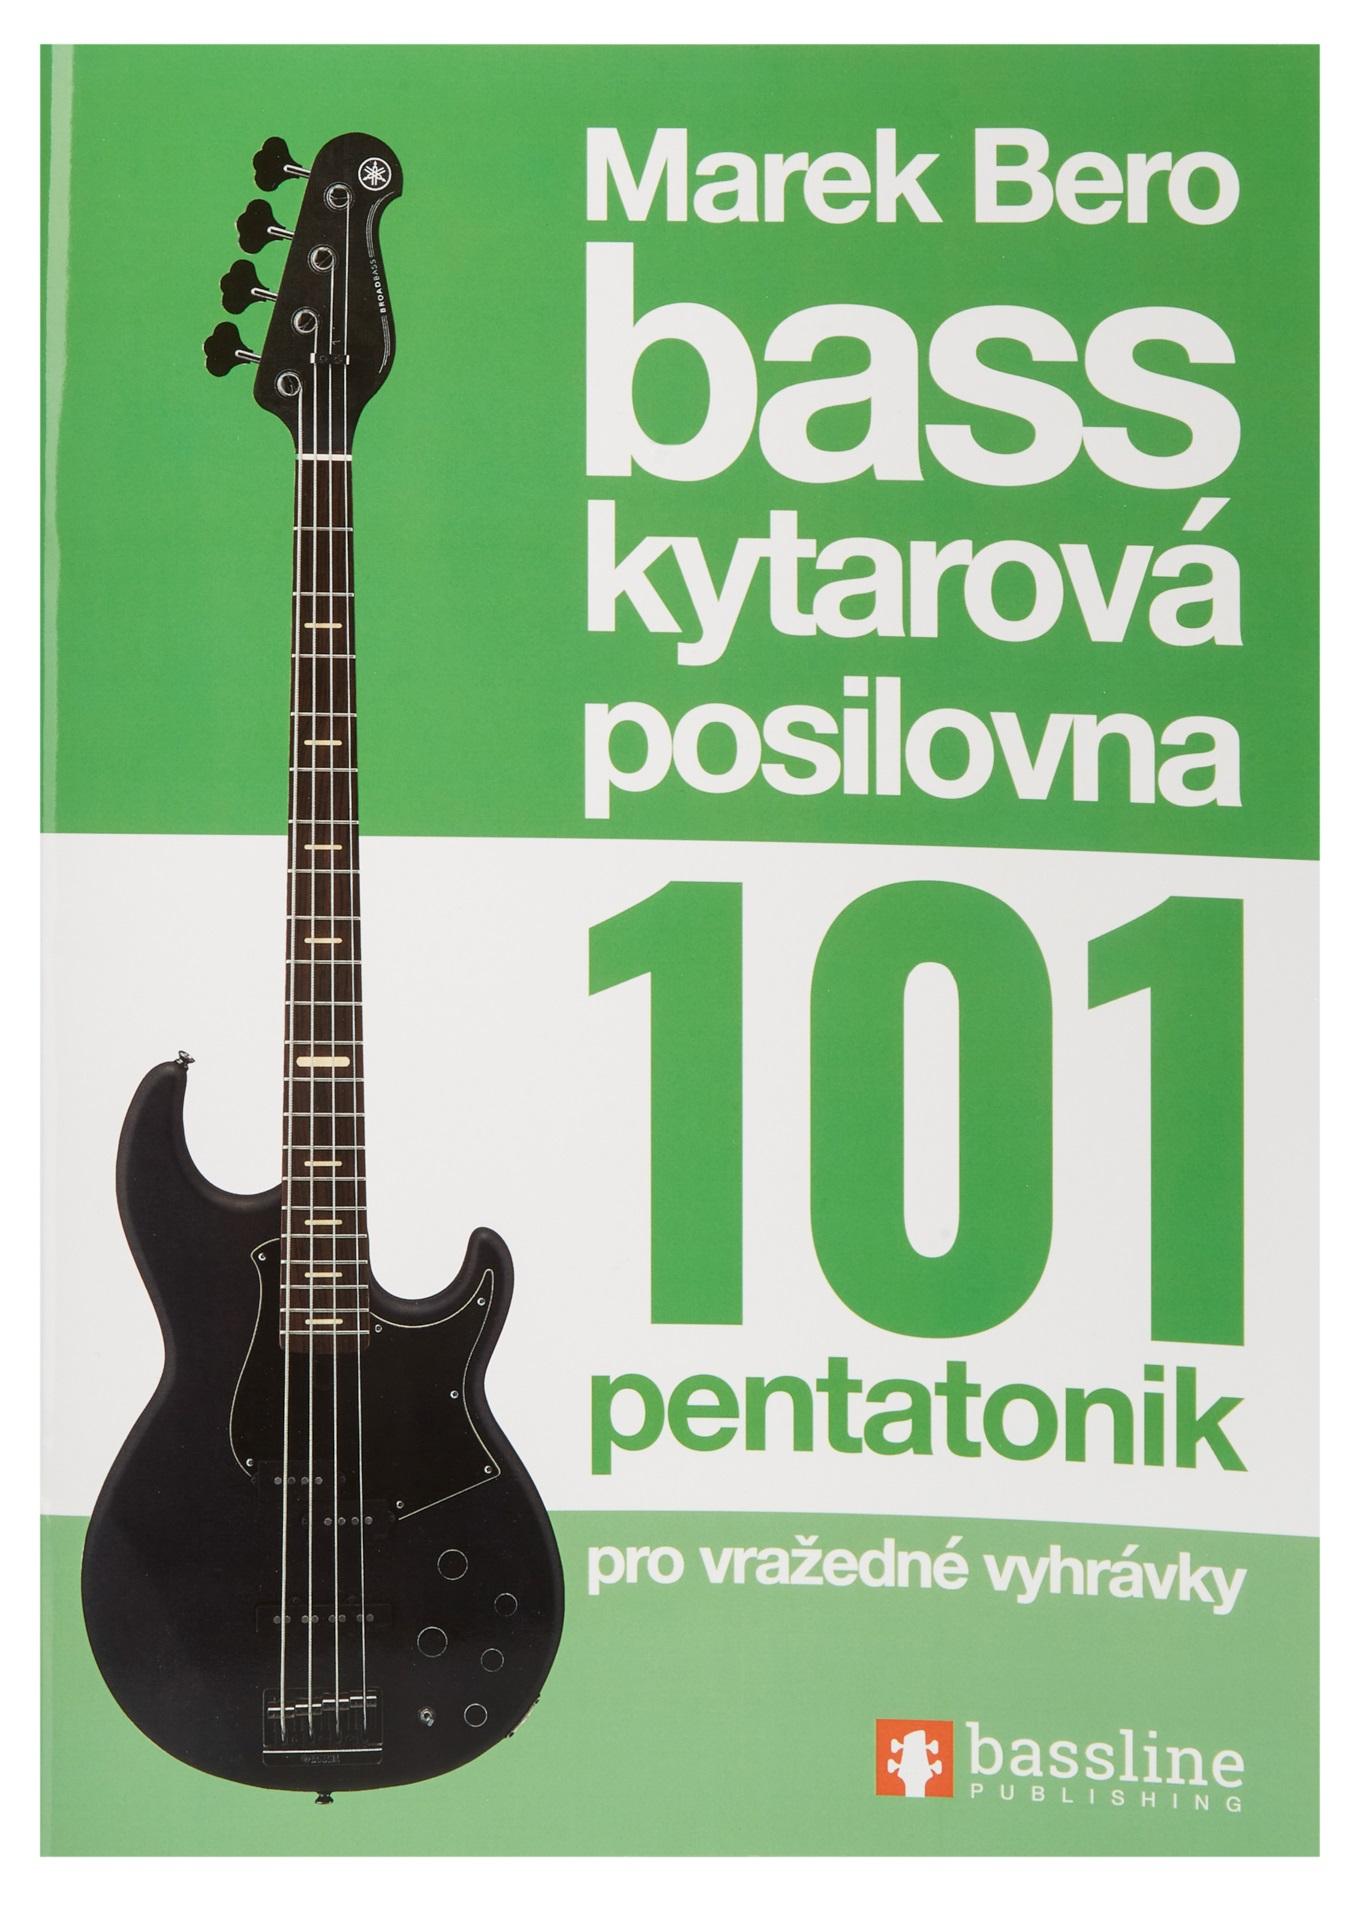 Frontman Baskytarová posilovna 3 - 101 pentatonik pro vražedné vyhrávky !NOVÉ VYDANÍ 2020!